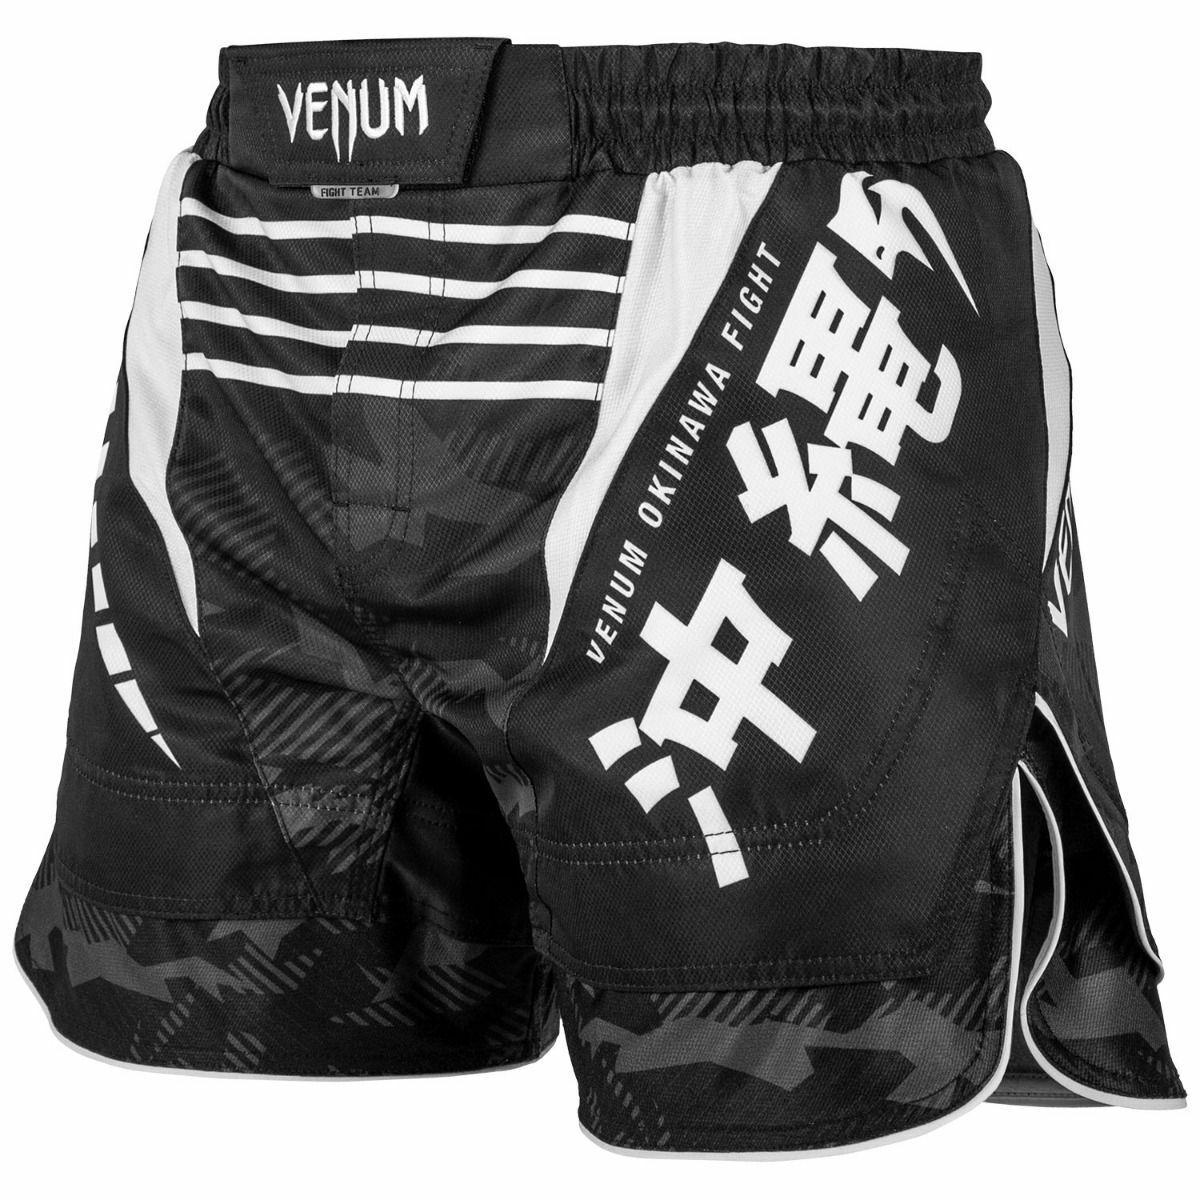 VENUM OKINAWA 2.0 FIGHT SHORTS   MMA SHORTS